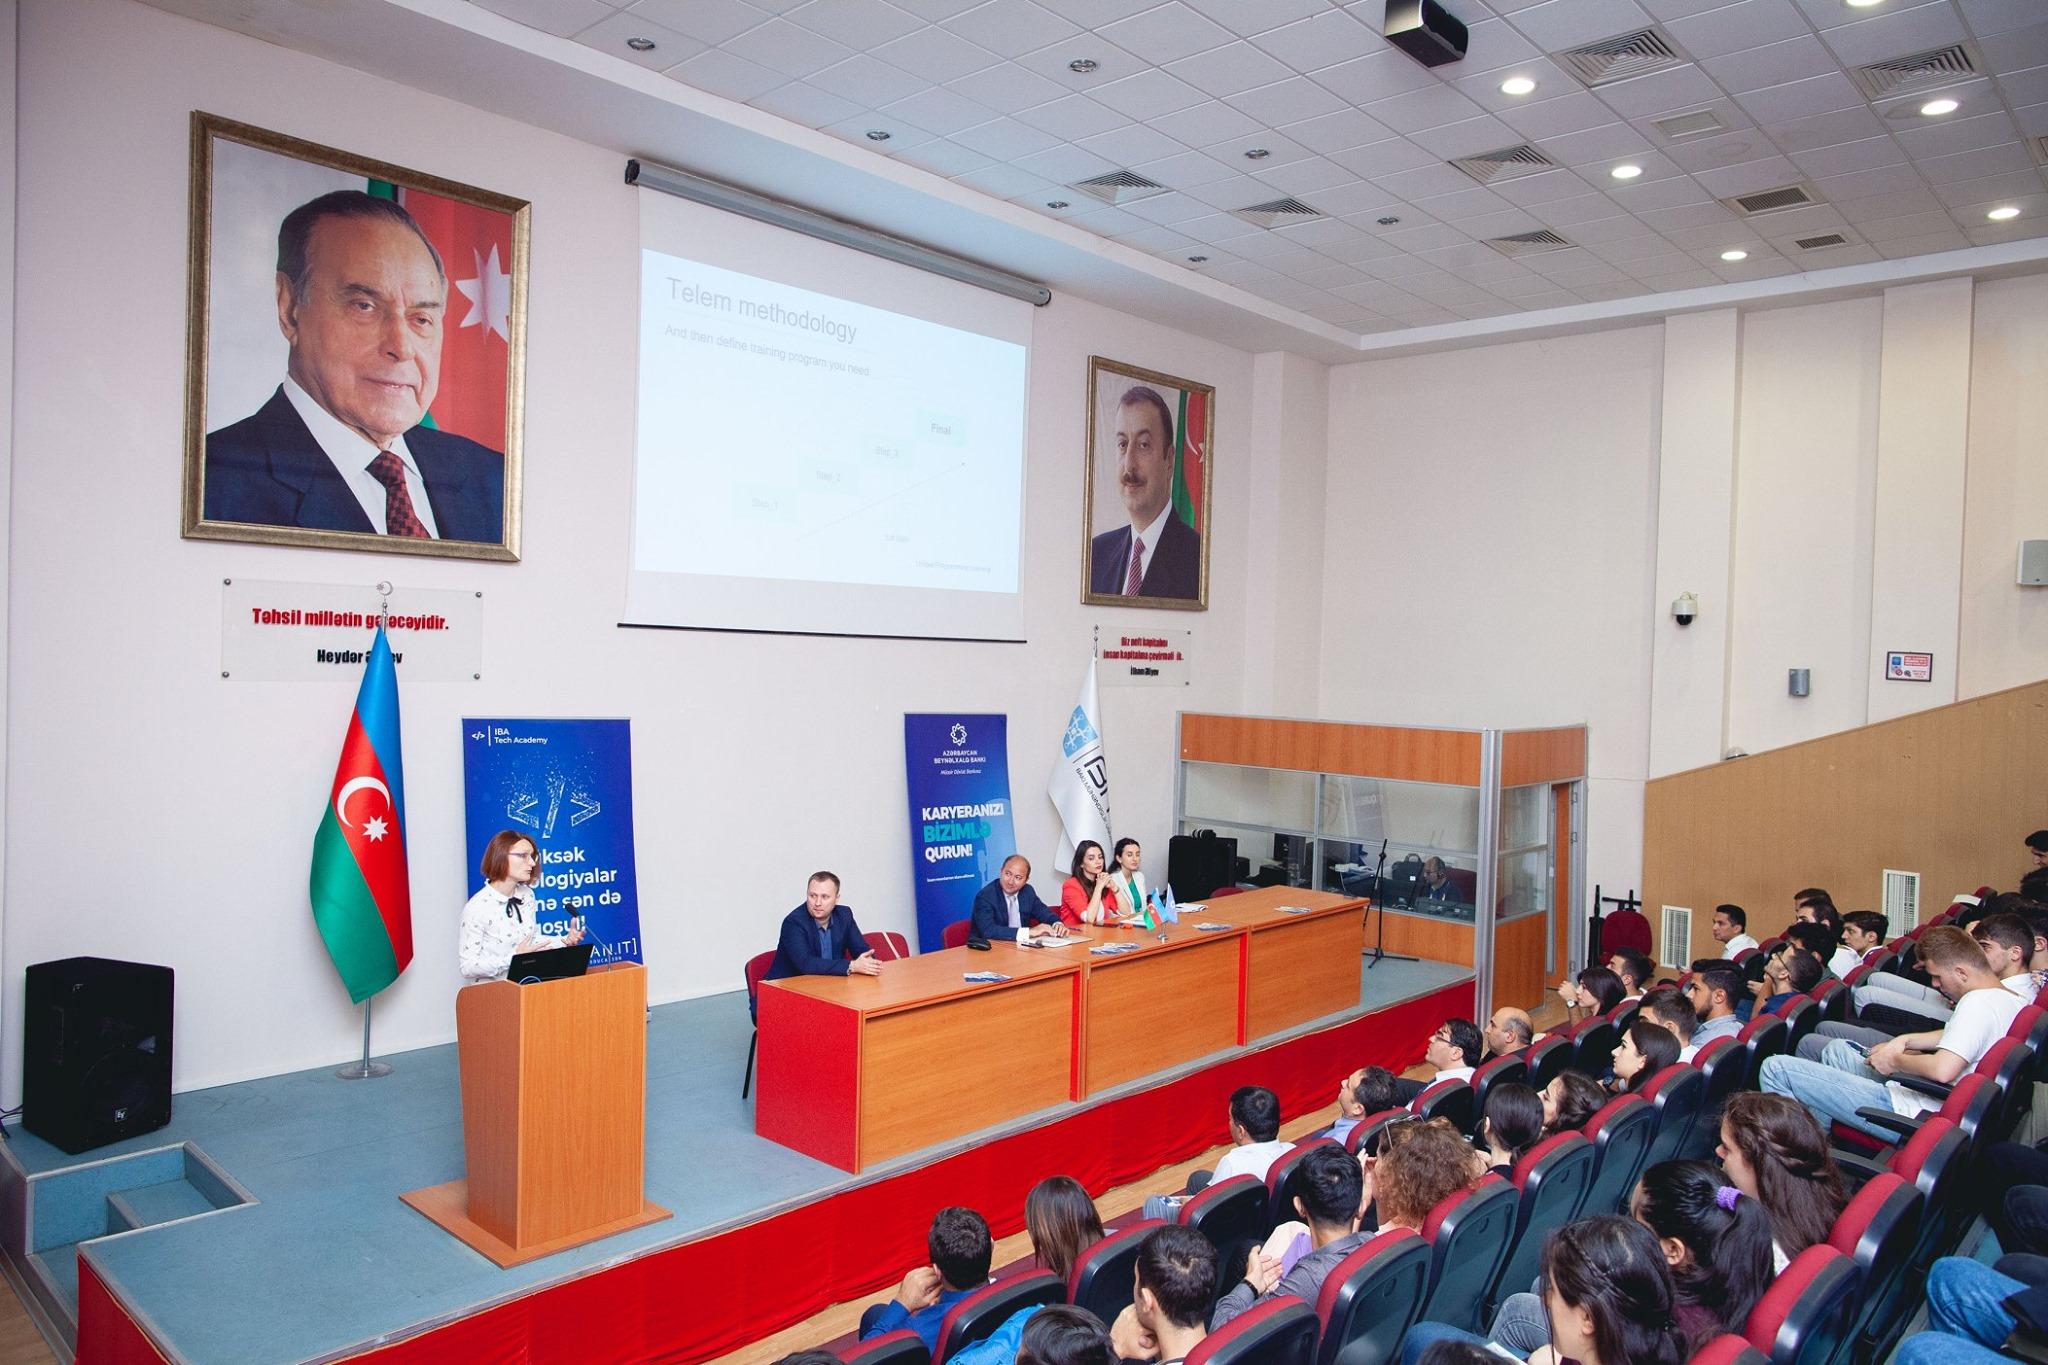 Около 7 тысяч молодых людей хотят стать программистами в Азербайджане!